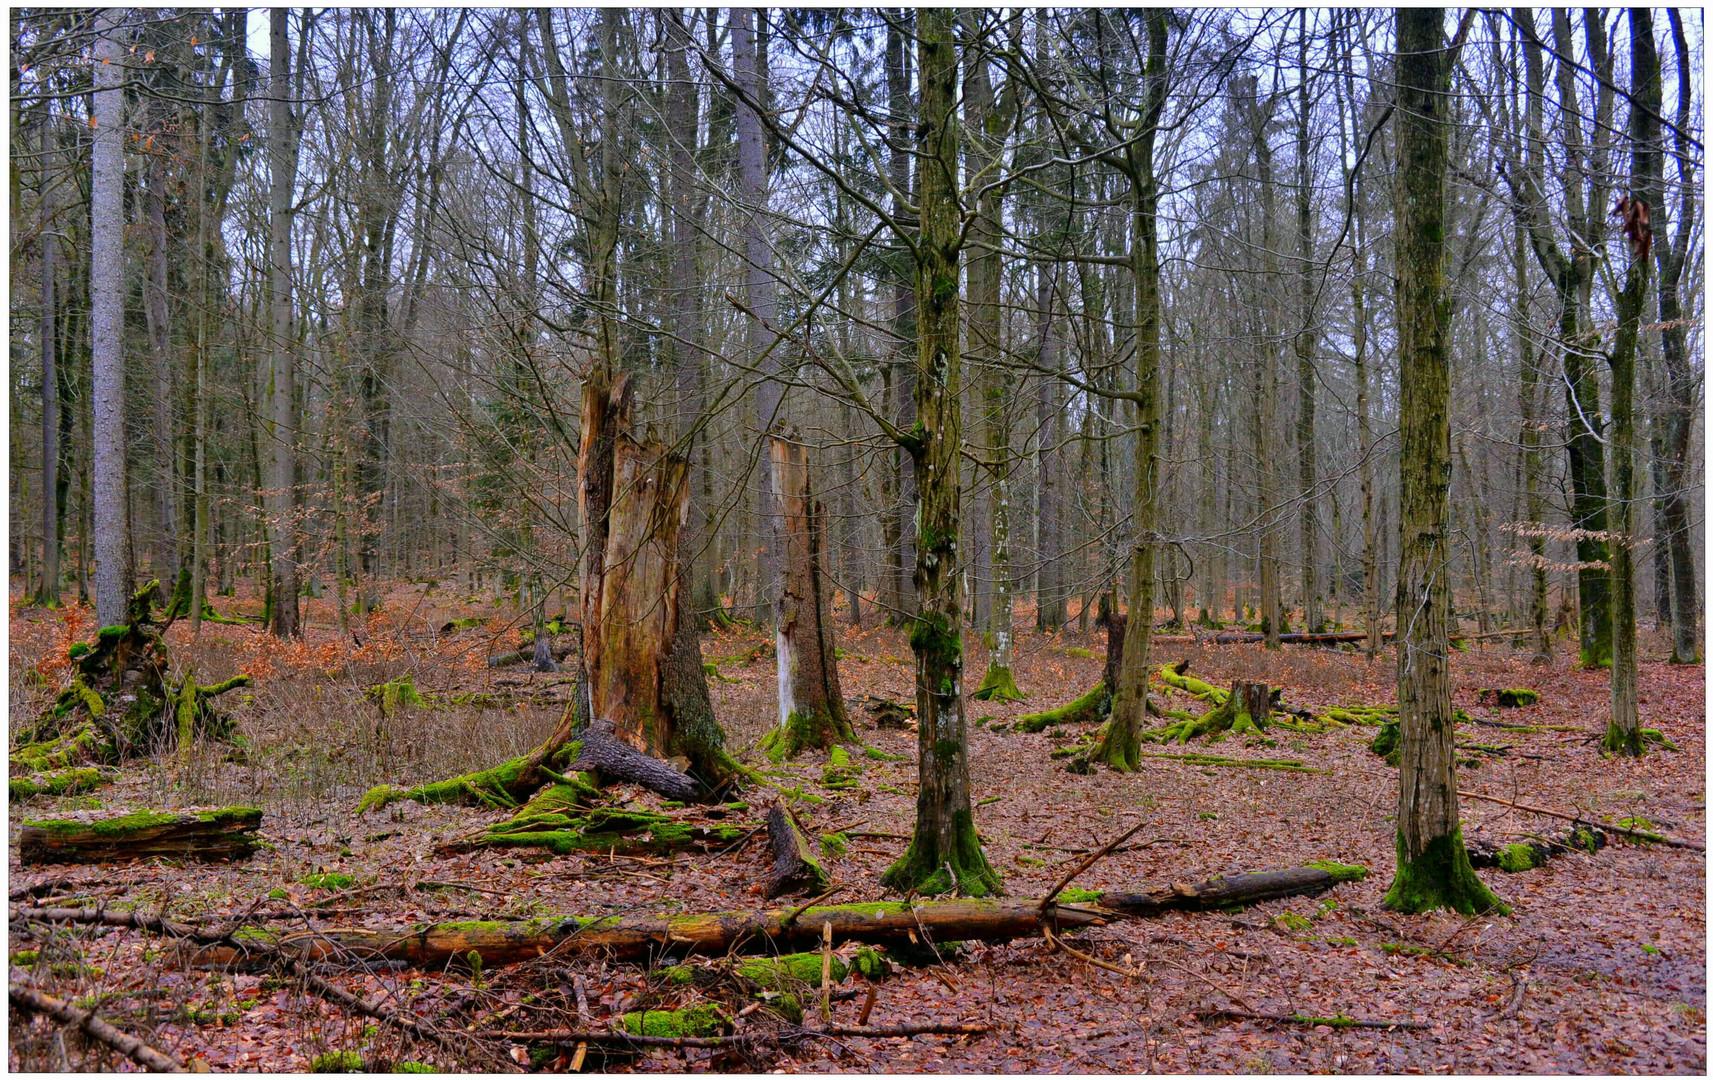 Tauwetter im Wald III (deshielo en el bosque III)